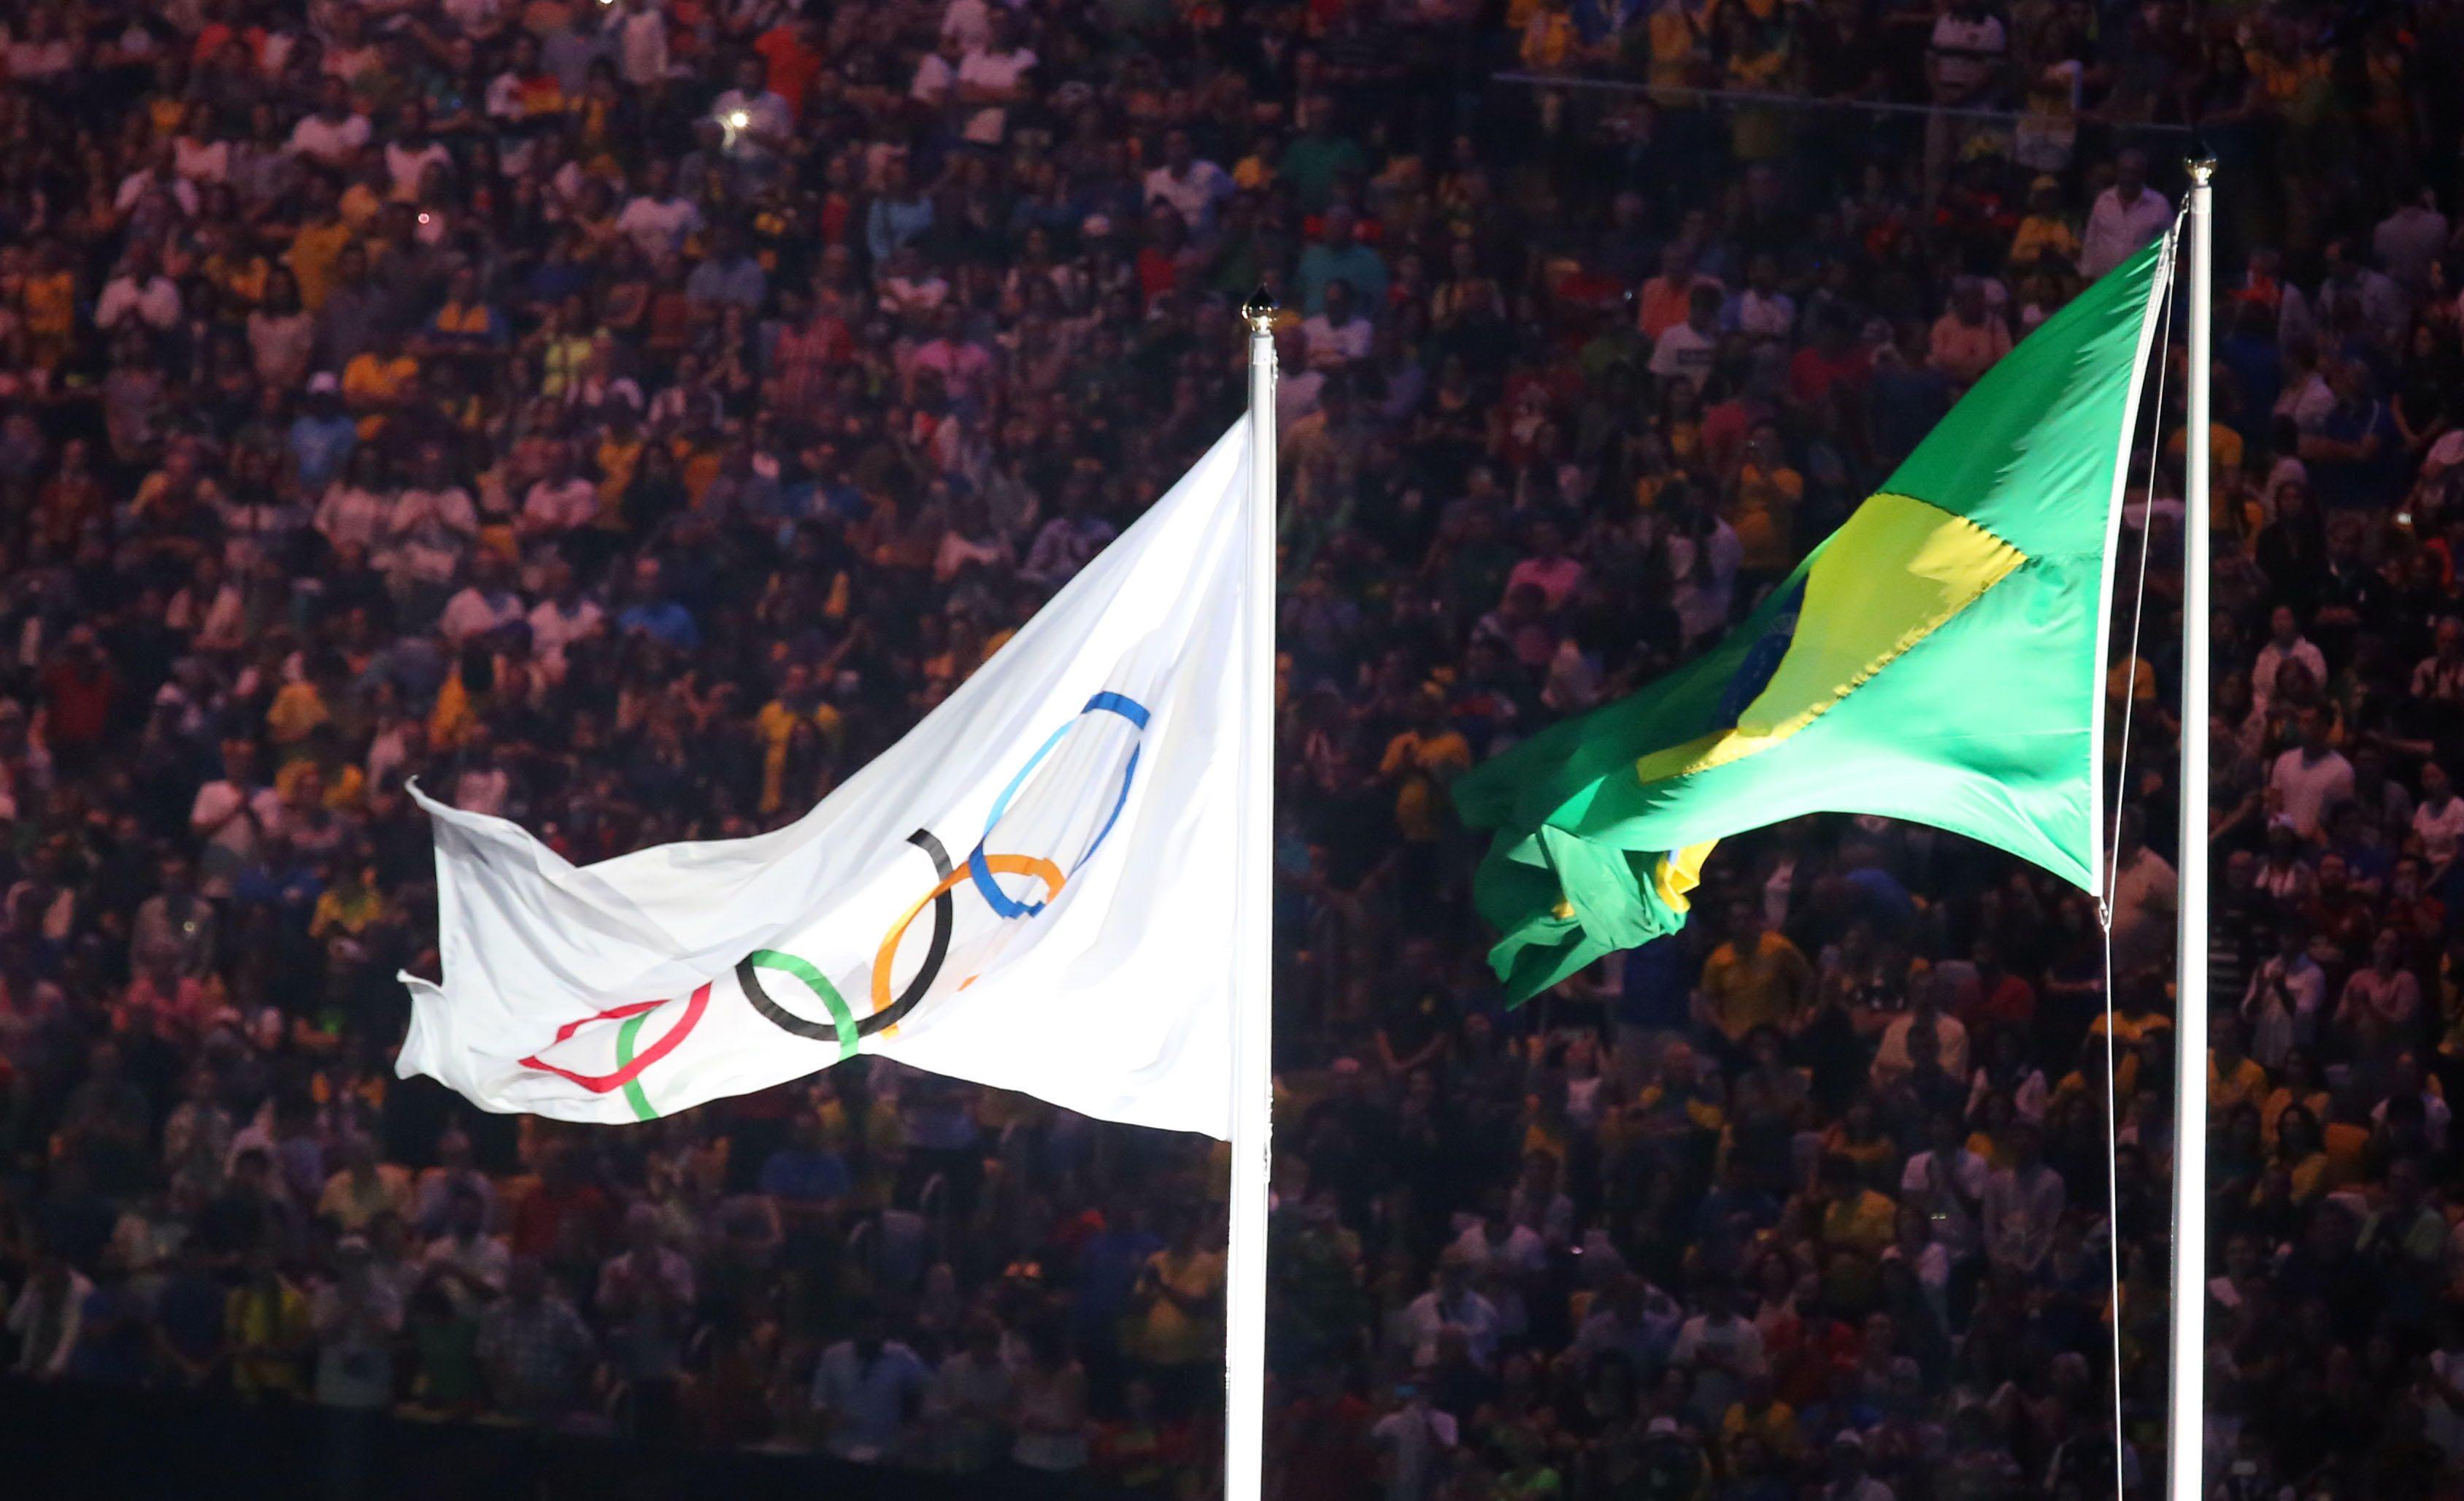 El mundo vibra al compás de los Juegos Olímpicos Río 2016: mirá la ceremonia inaugural